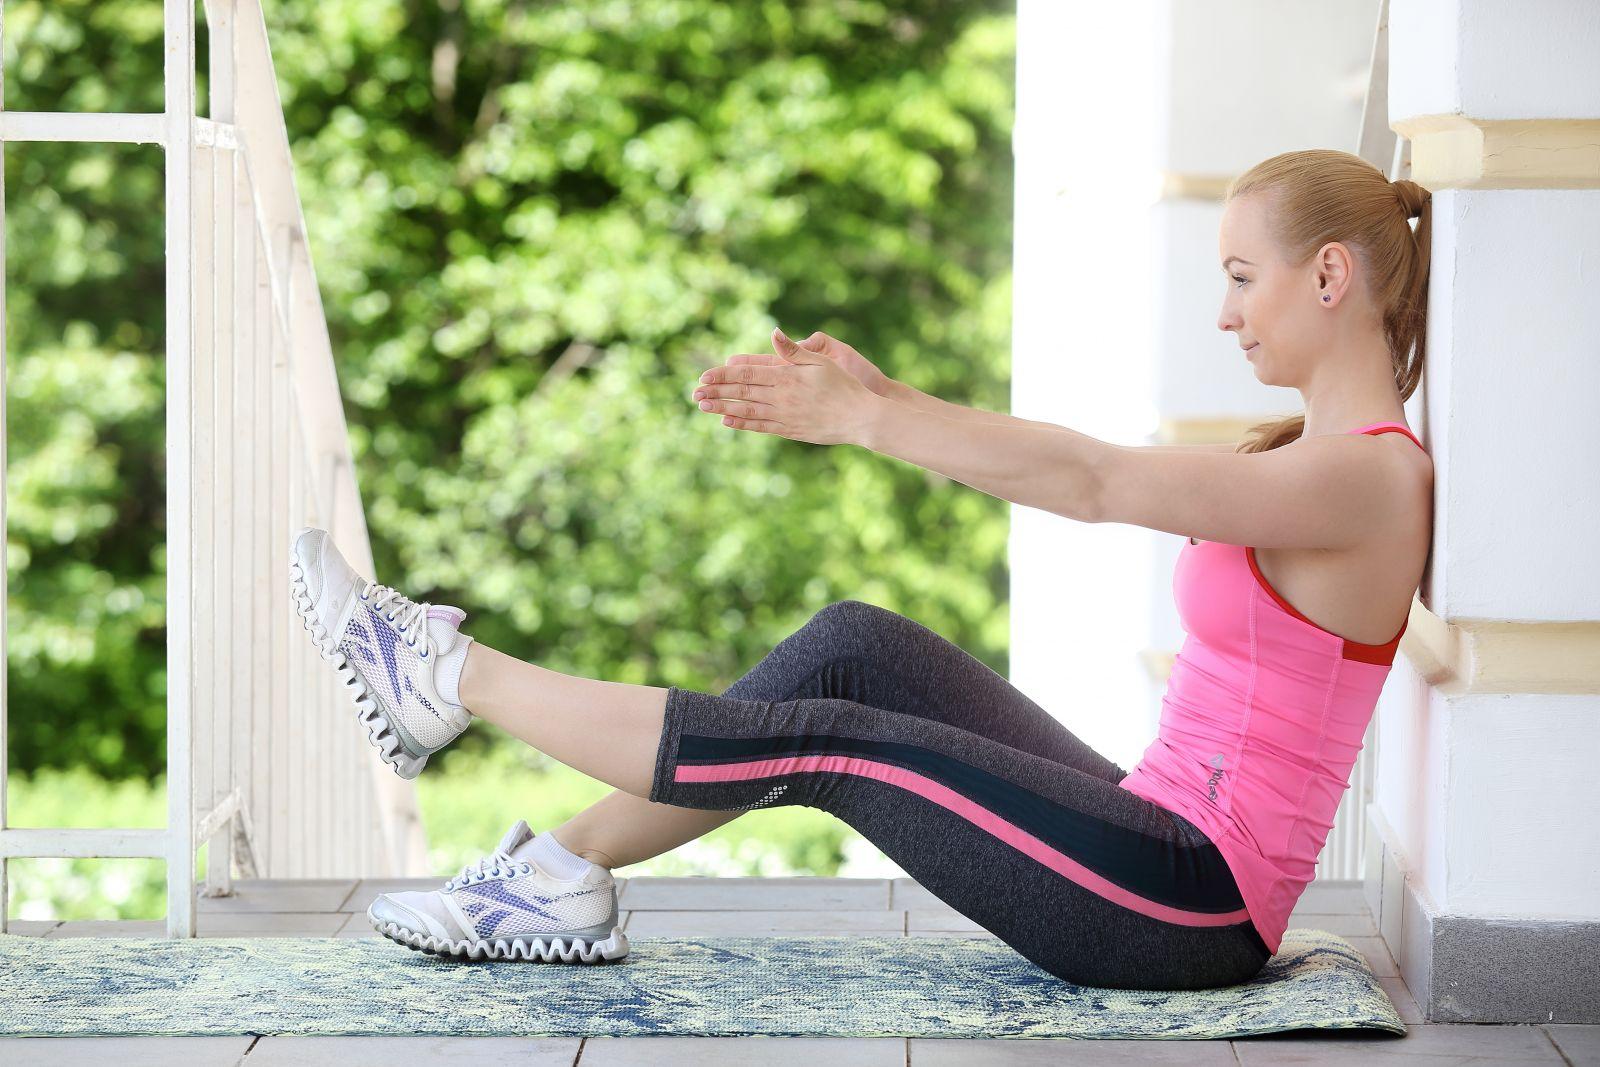 Похудение Занятие Спортом Дома. Эффективные тренировки для похудения